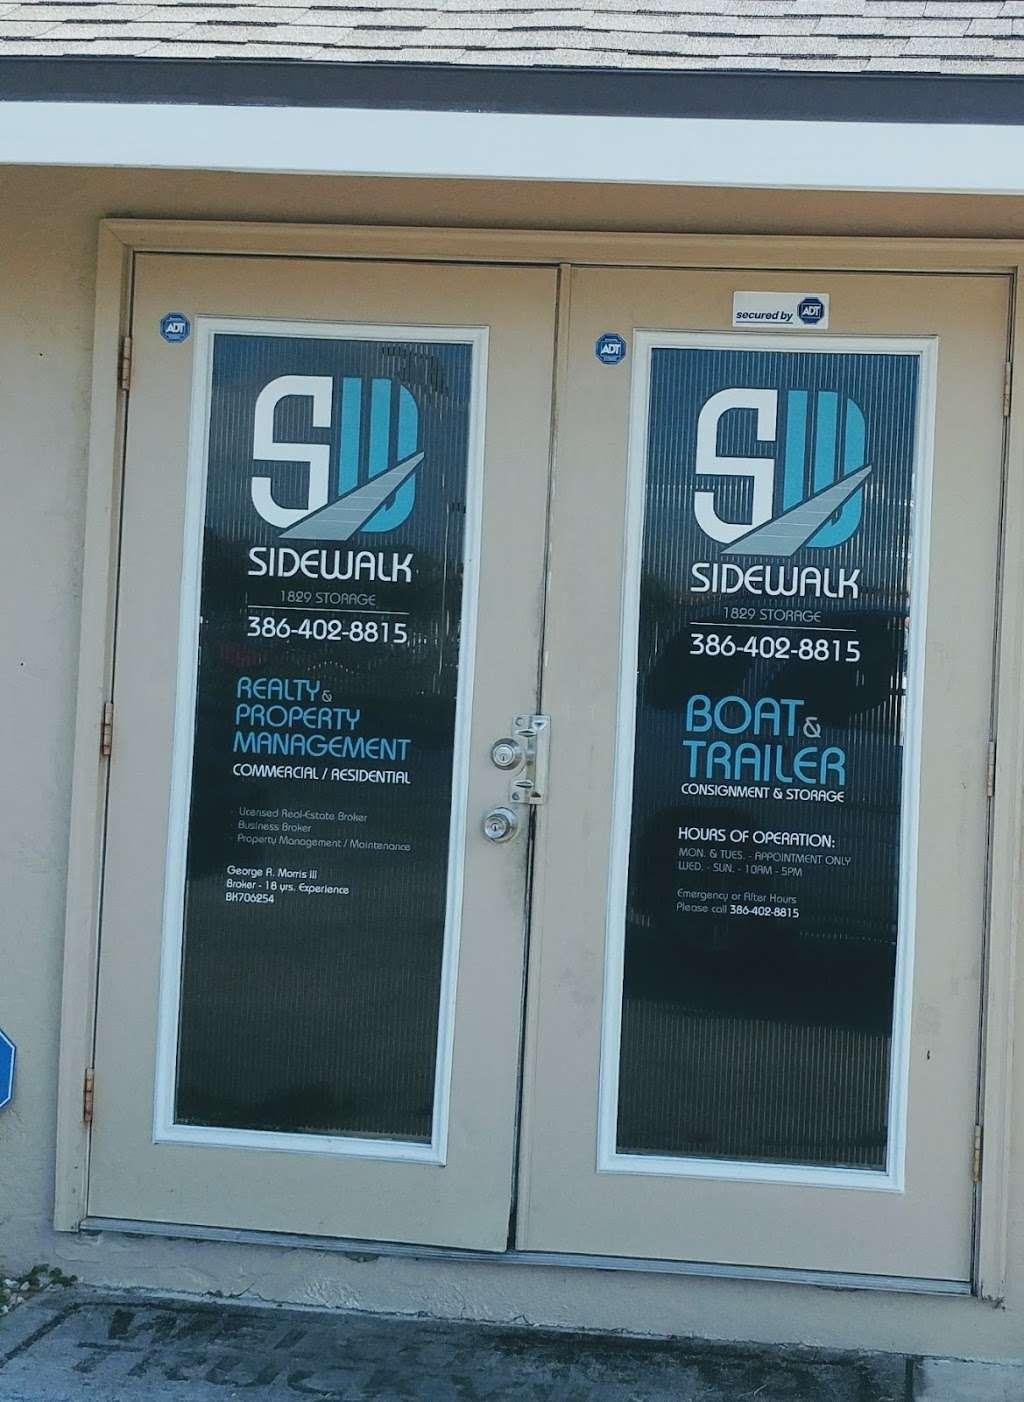 SW SIDEWALK BOAT & TRAILER STORAGE - storage  | Photo 1 of 2 | Address: US-1, Edgewater, FL 32141, USA | Phone: (386) 402-8815